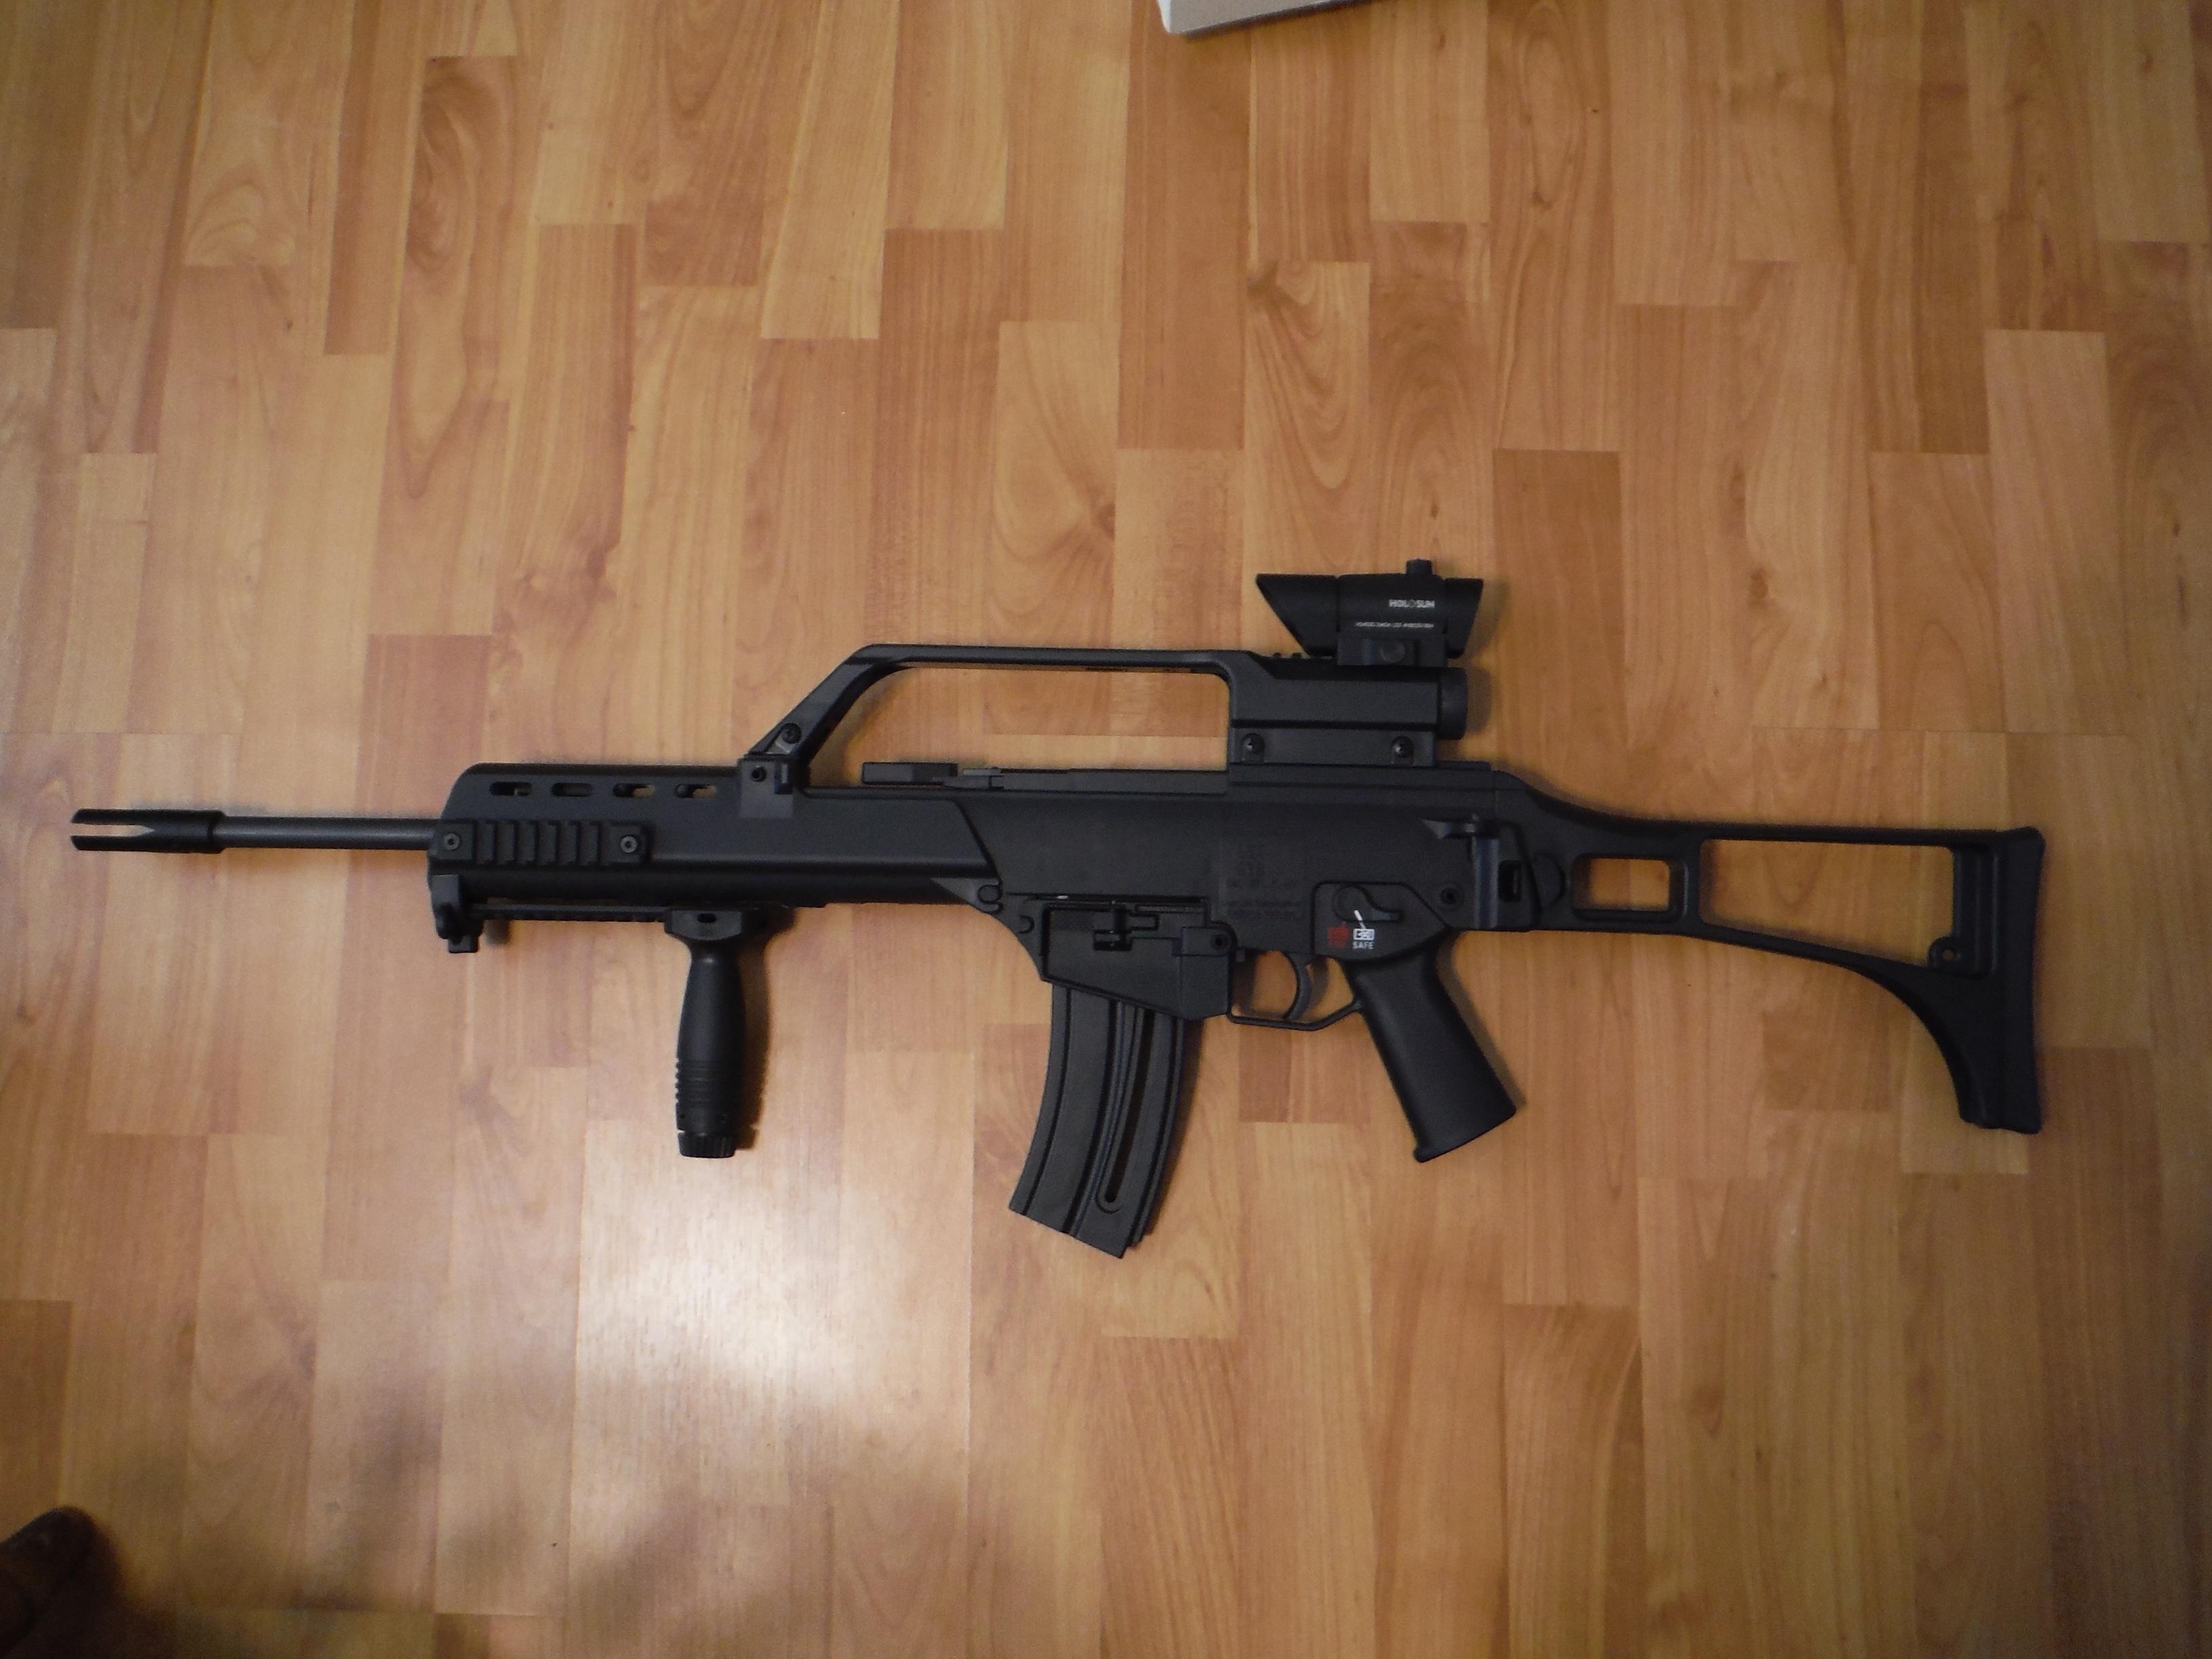 HK MP5 A5 vs GSG 22lr